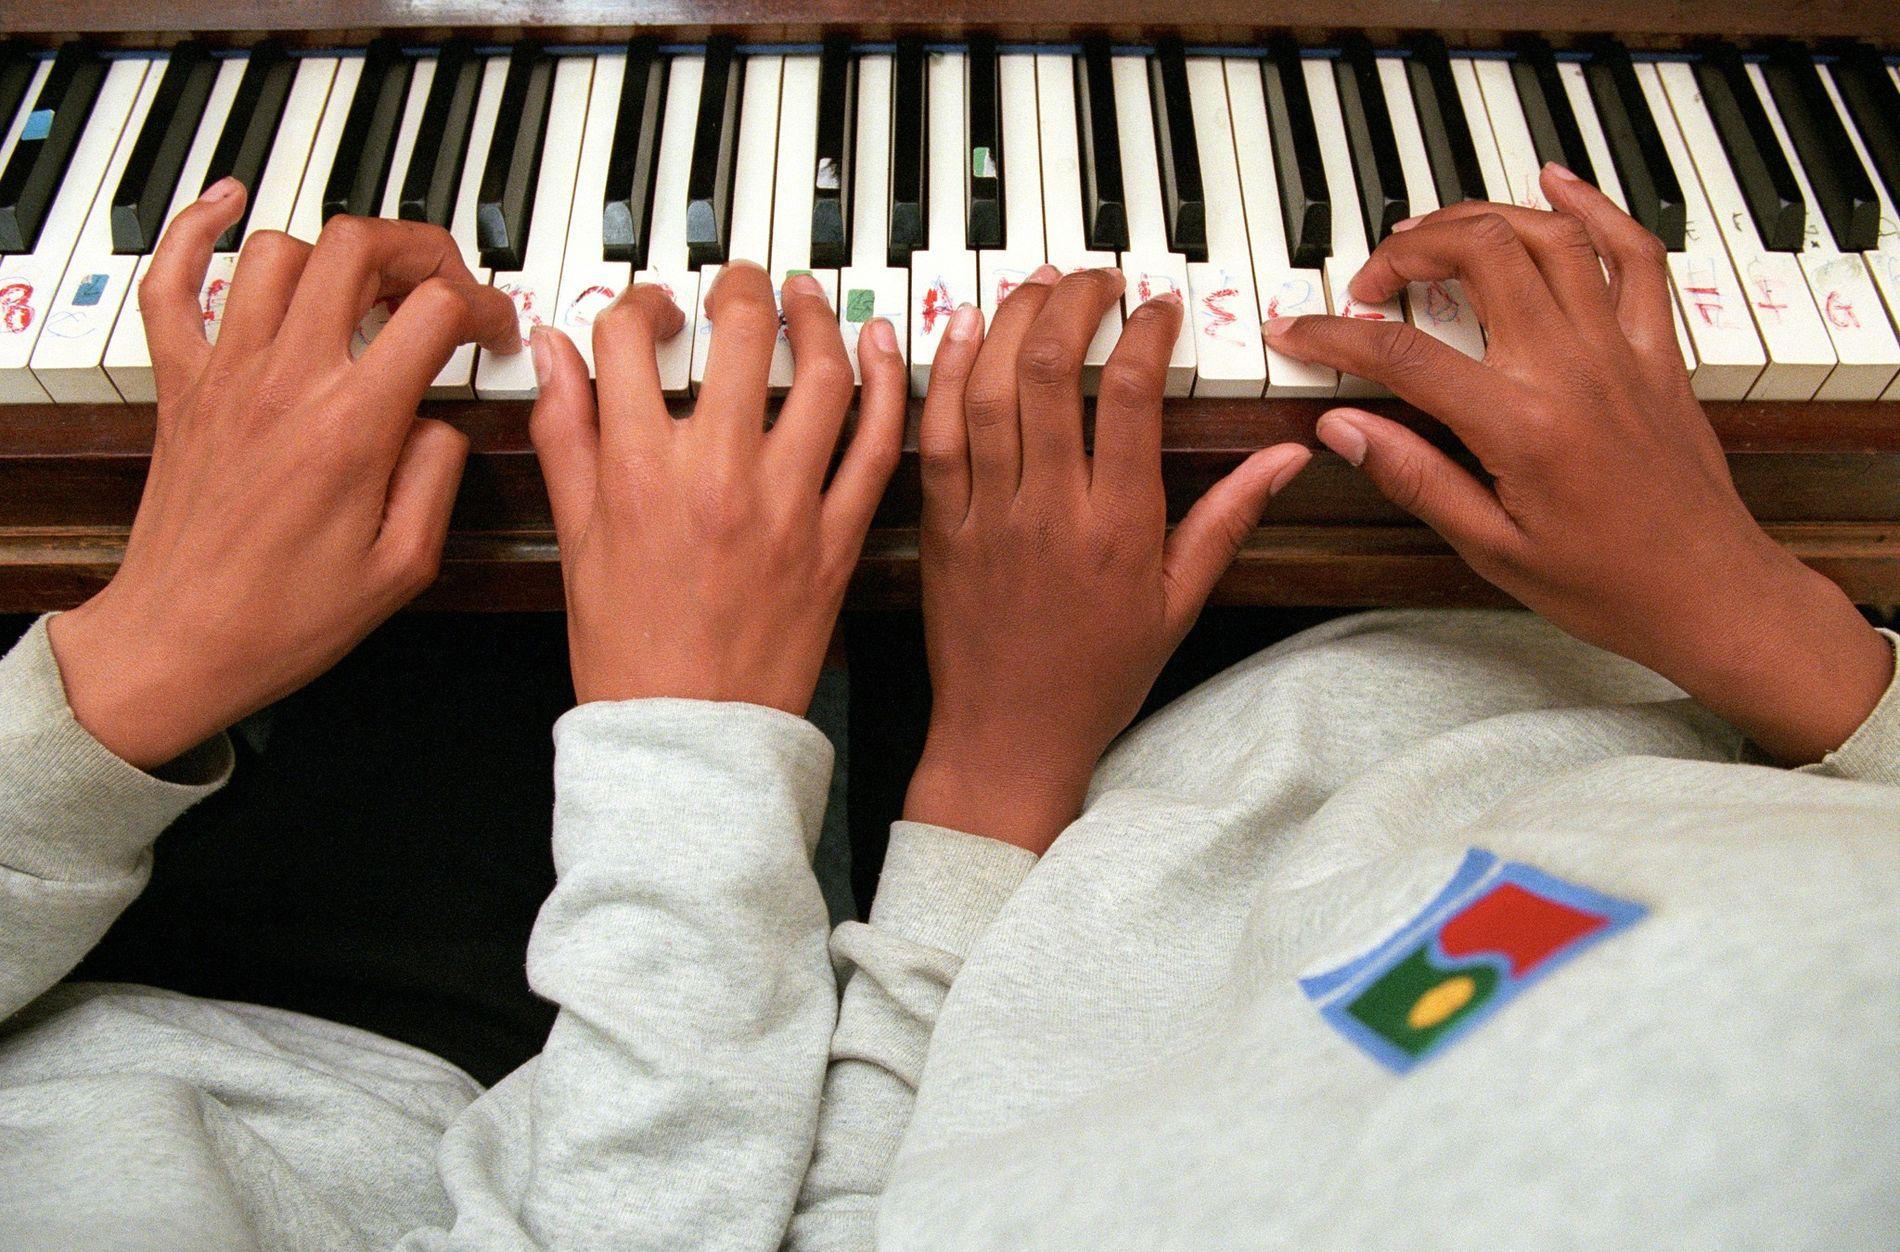 Wer als Kind ein Instrument erlernt, schafft in seinem Gehirn zusätzliche neuronale Verbindungen, die mitunter ein Leben lang bestehen bleiben.